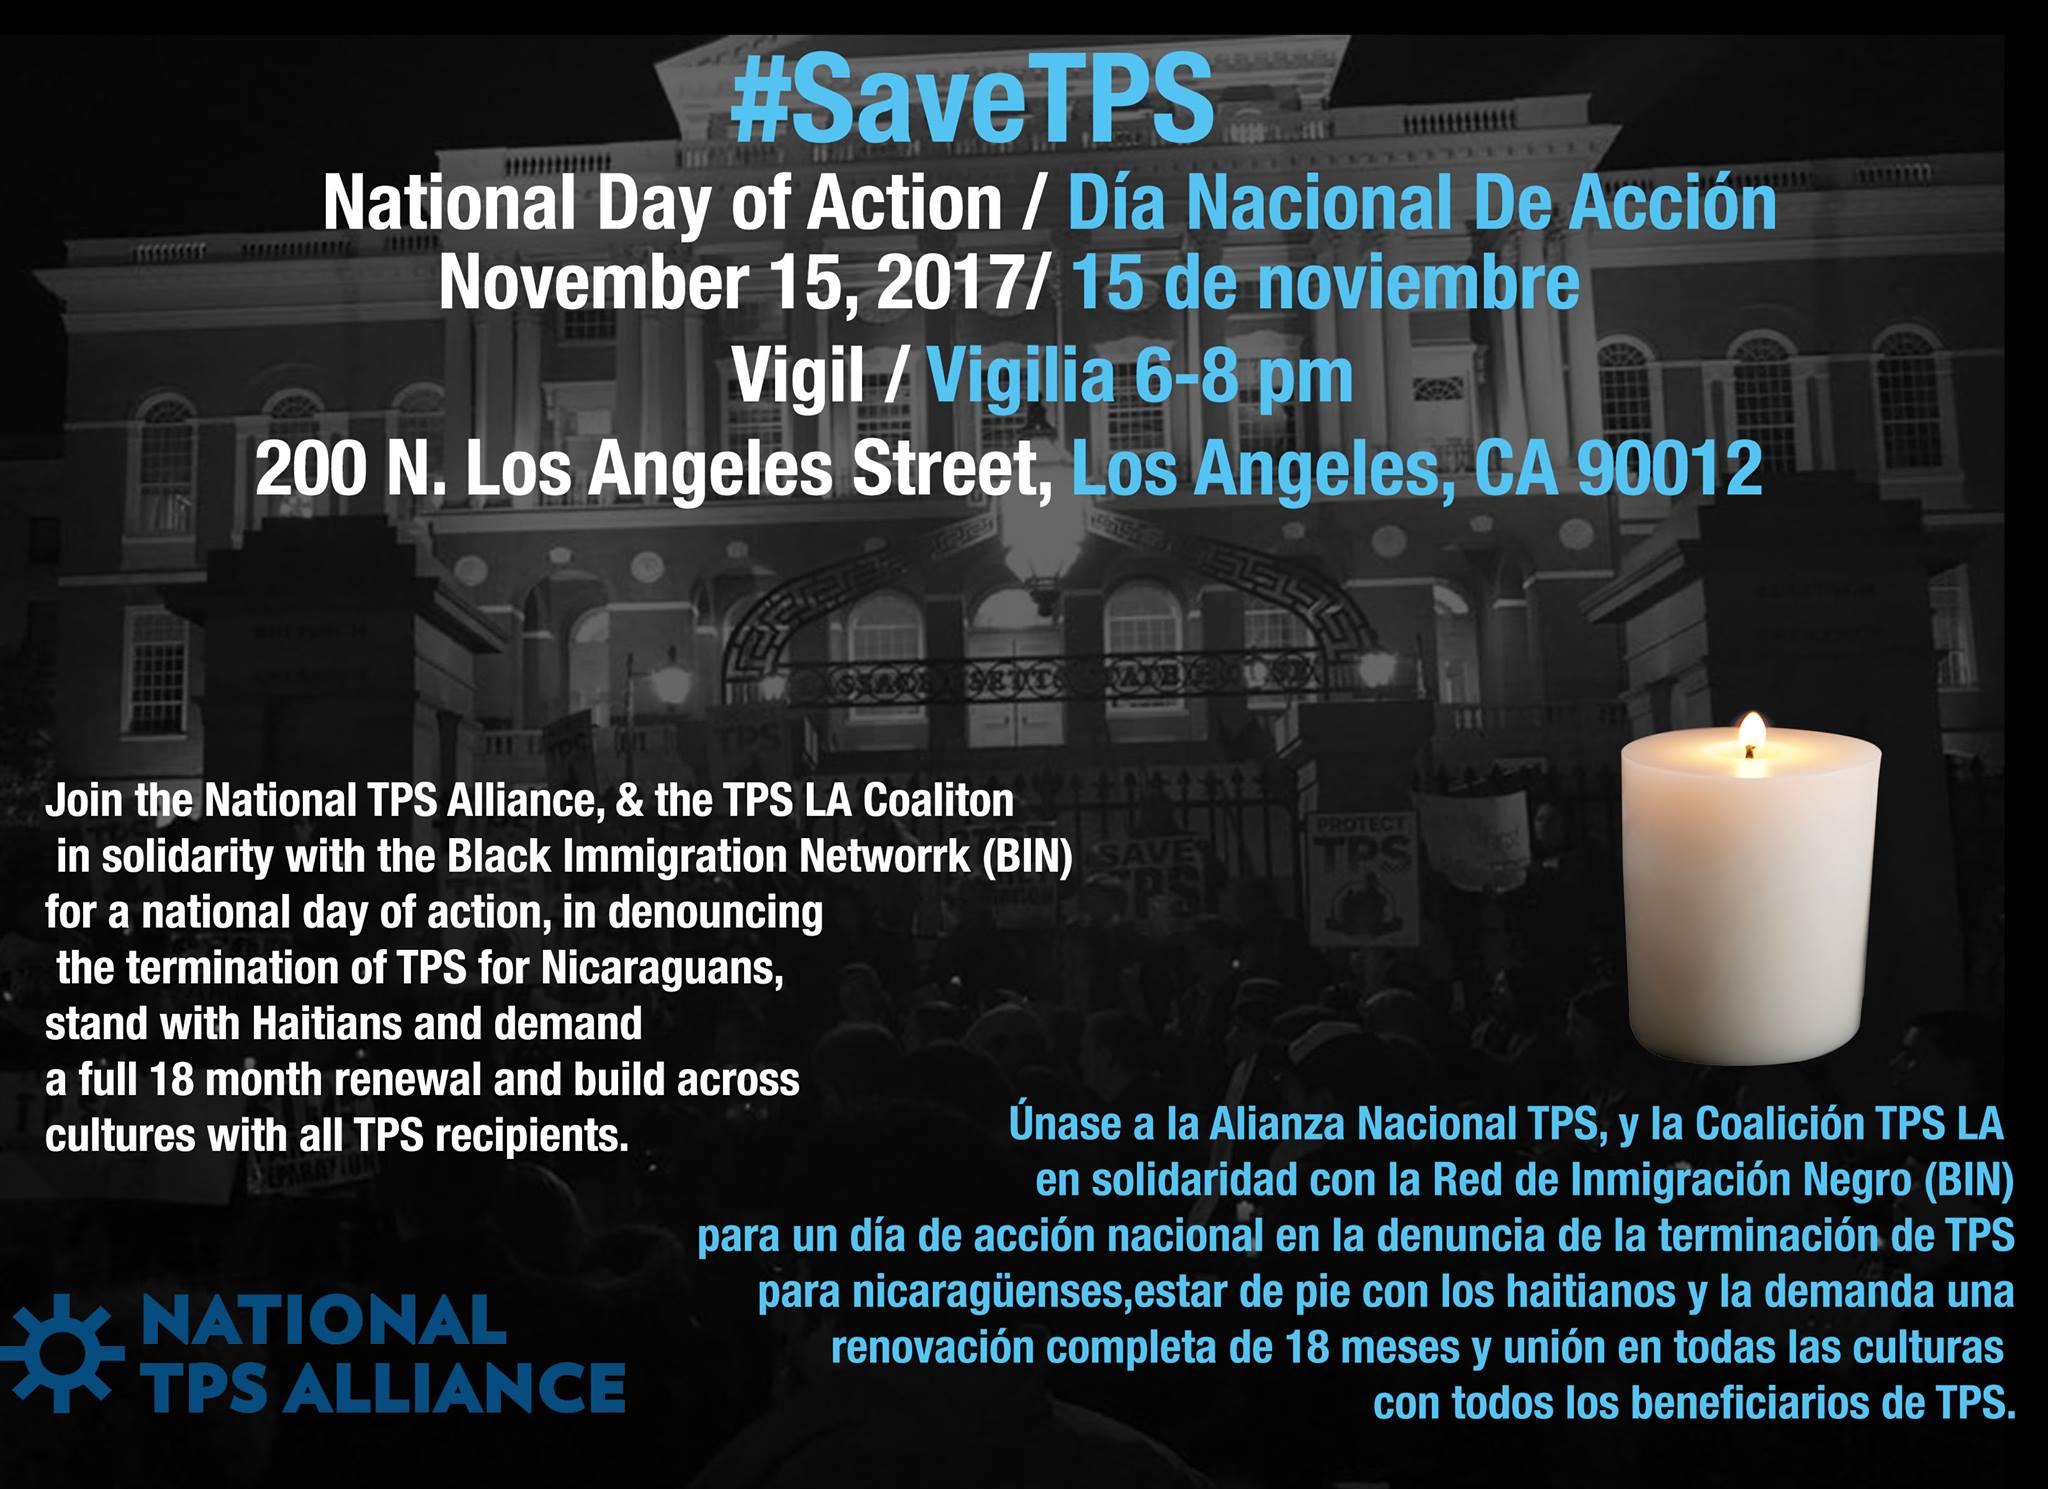 save_tps_vigil.jpg